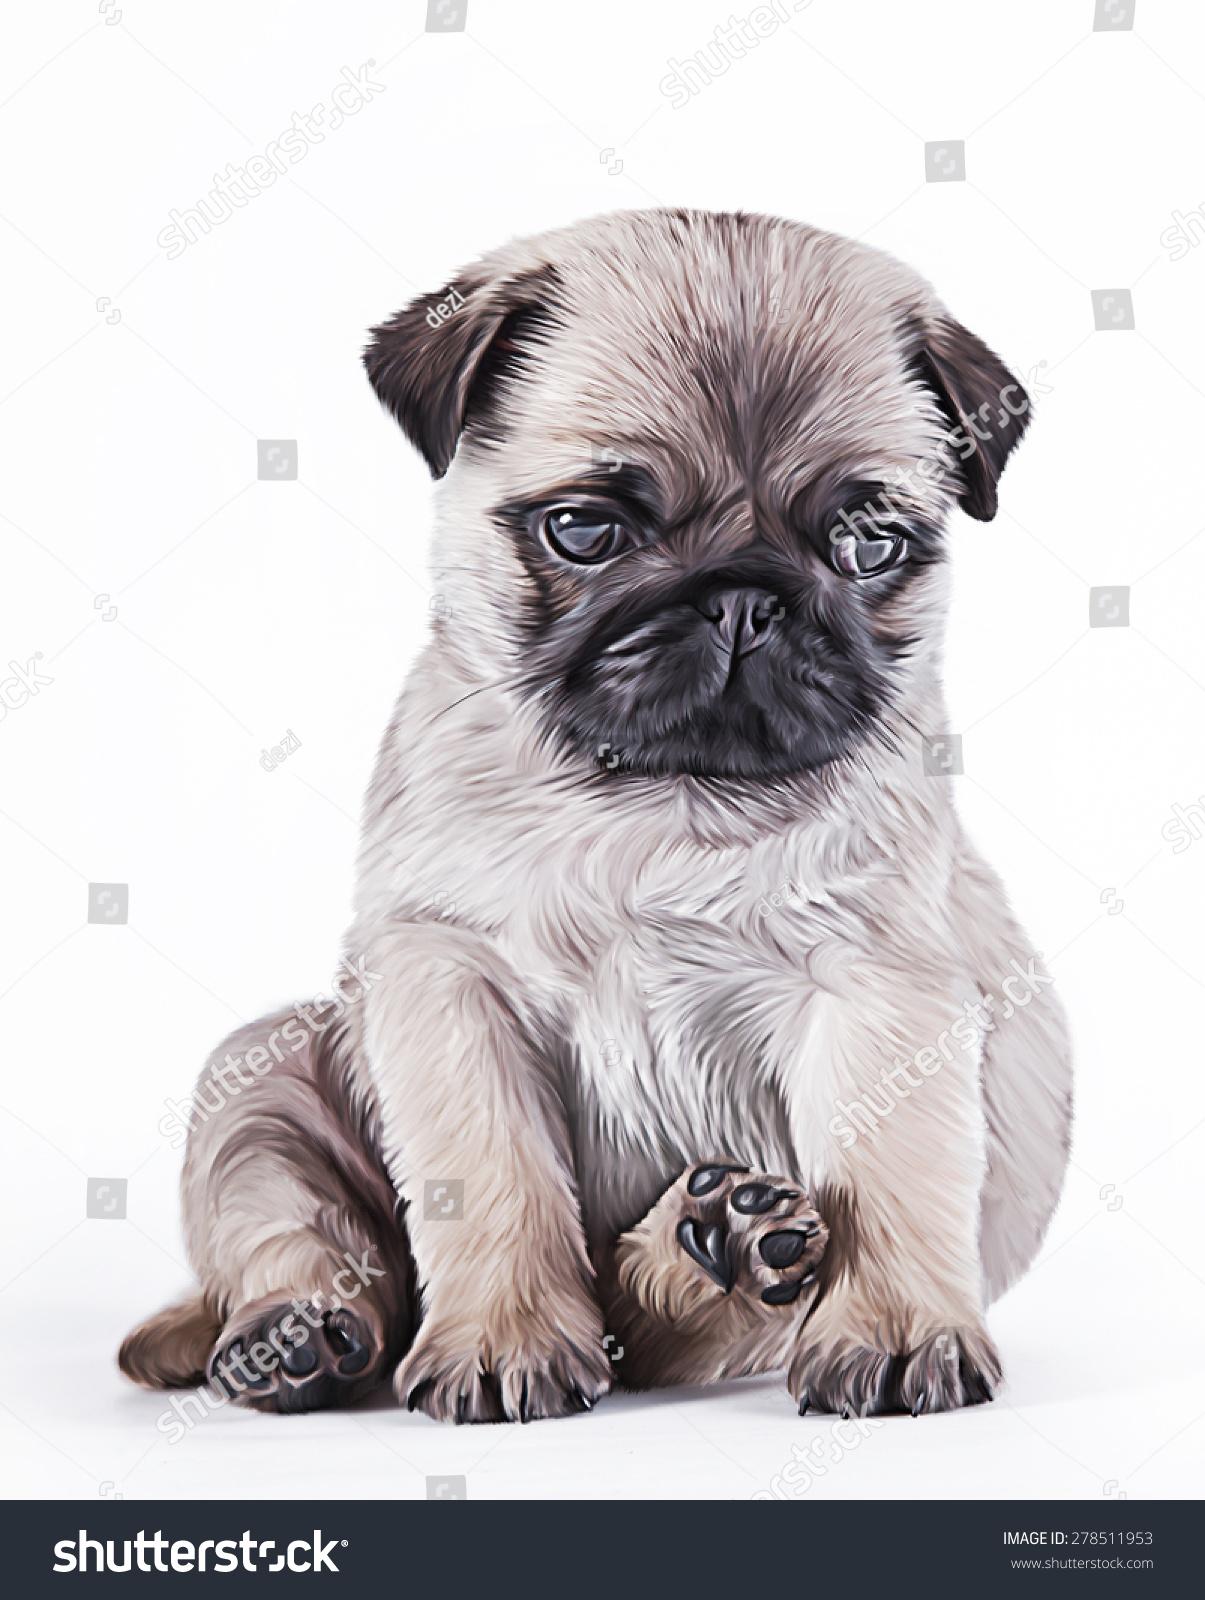 在白色背景上绘制的小狗哈巴狗画像-动物/野生生物